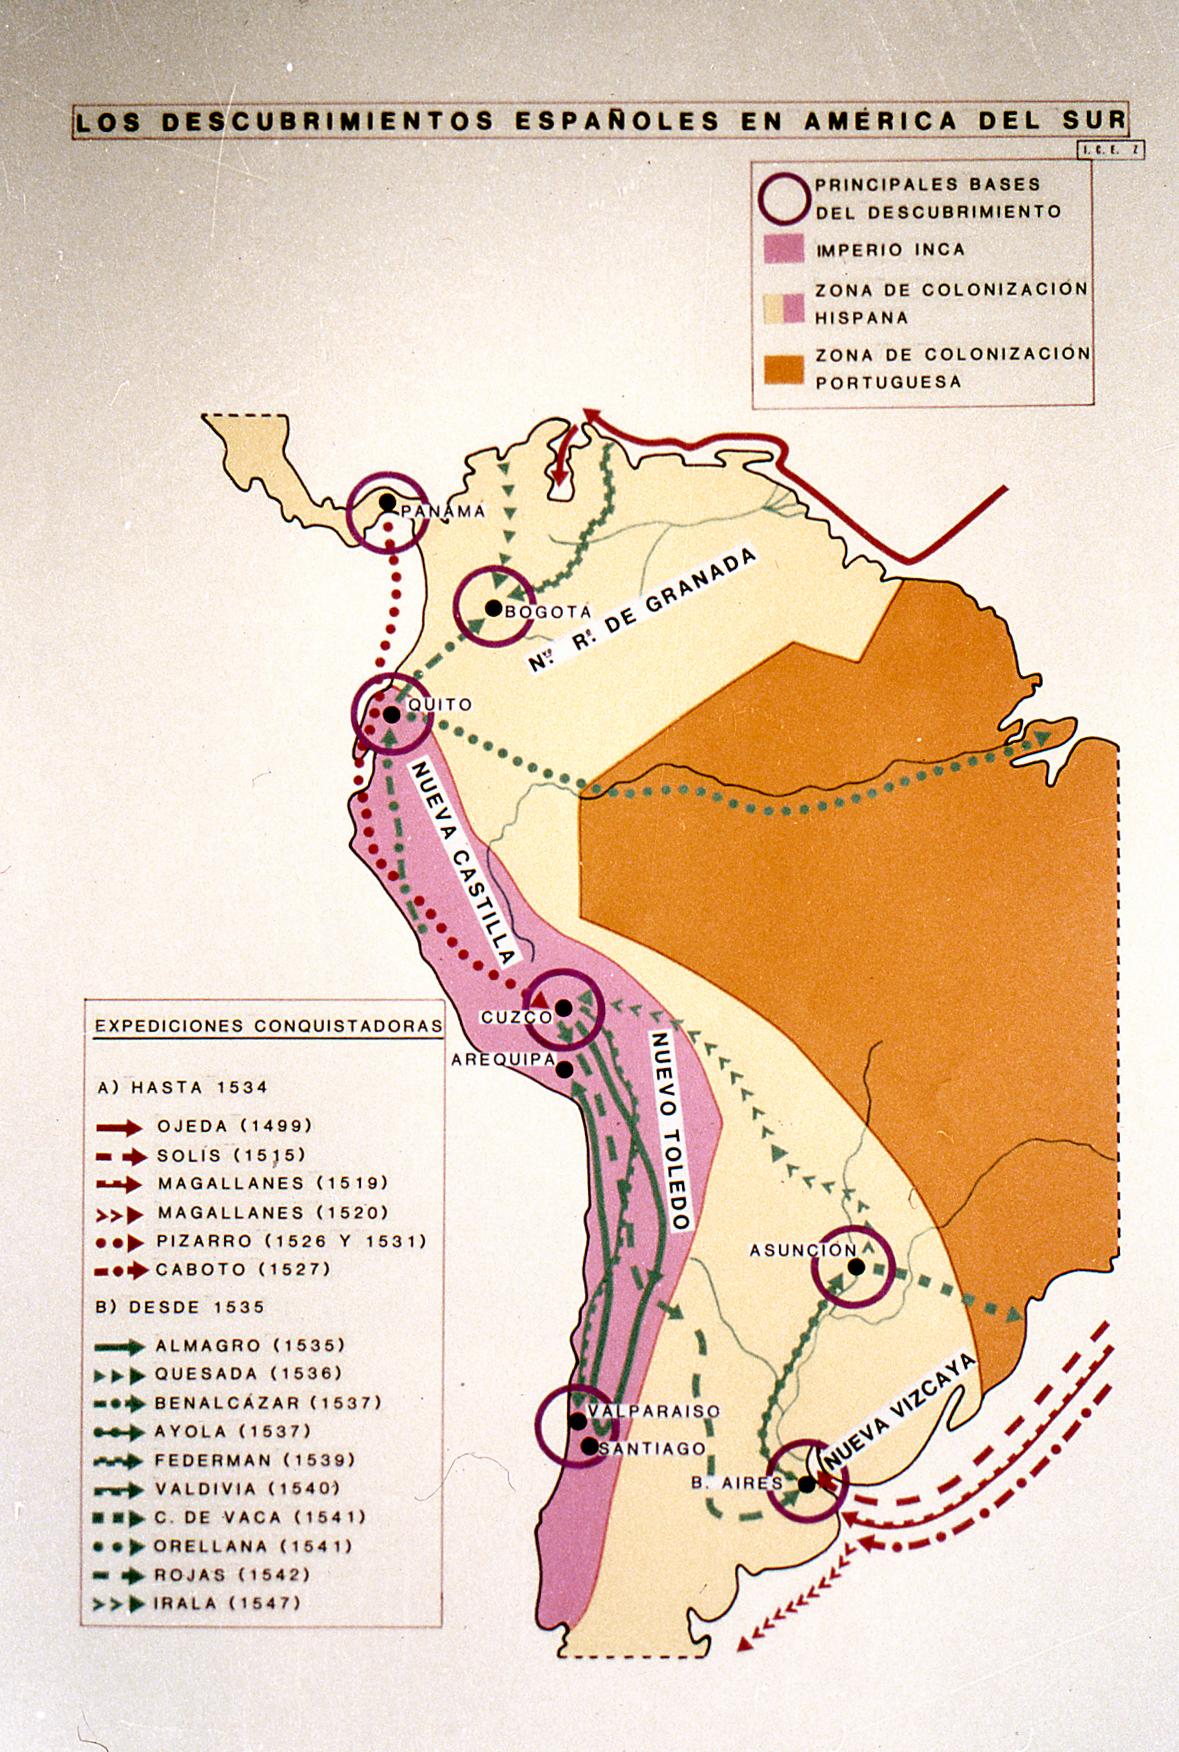 Descubrimientos españoles América del sur